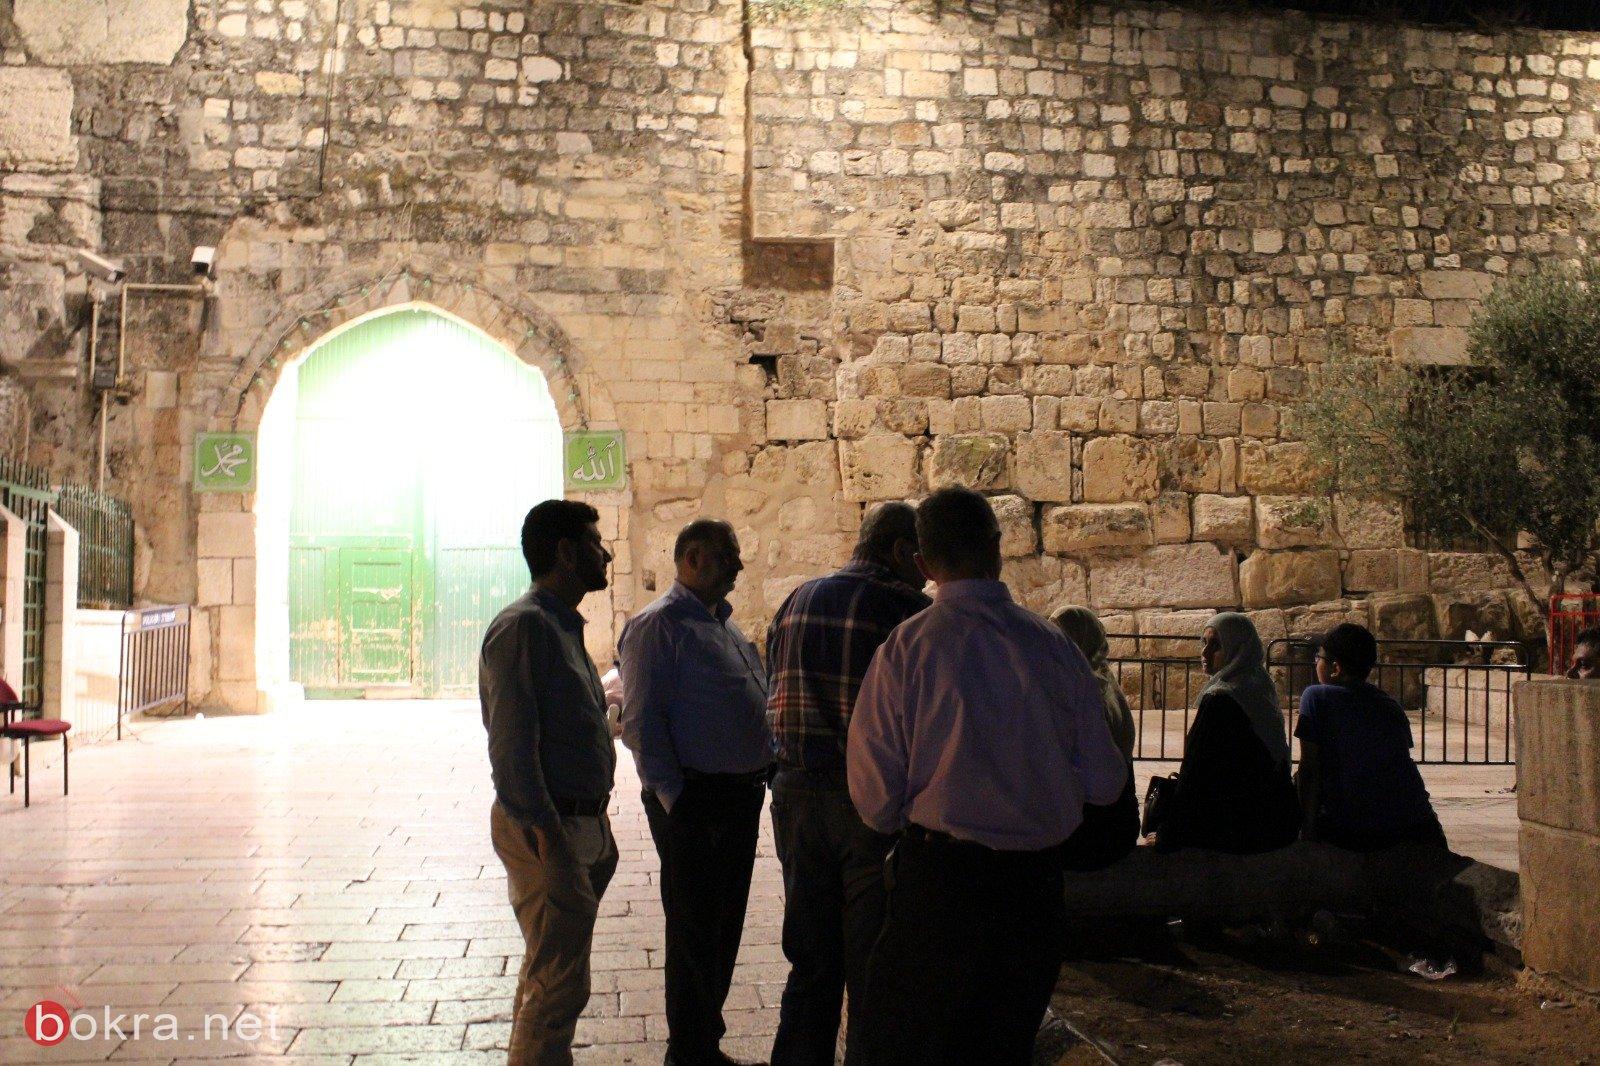 المشتركة: نطالب بفتح بوابات الاقصى فورا وحكومة الاحتلال تتحمل المسؤولية